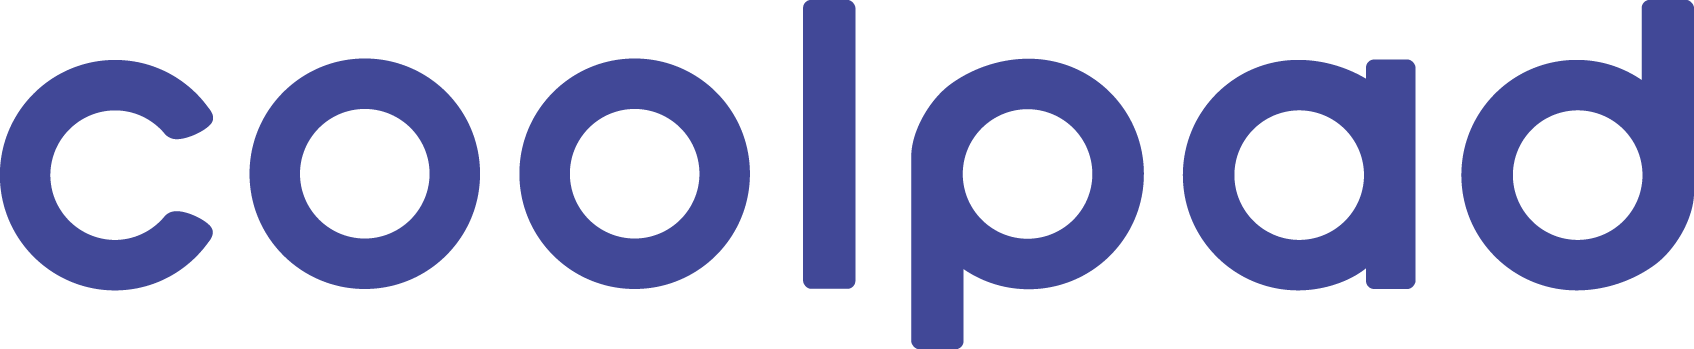 Microsoft Gold Partner Logo 2018 Assuresign Recognized As